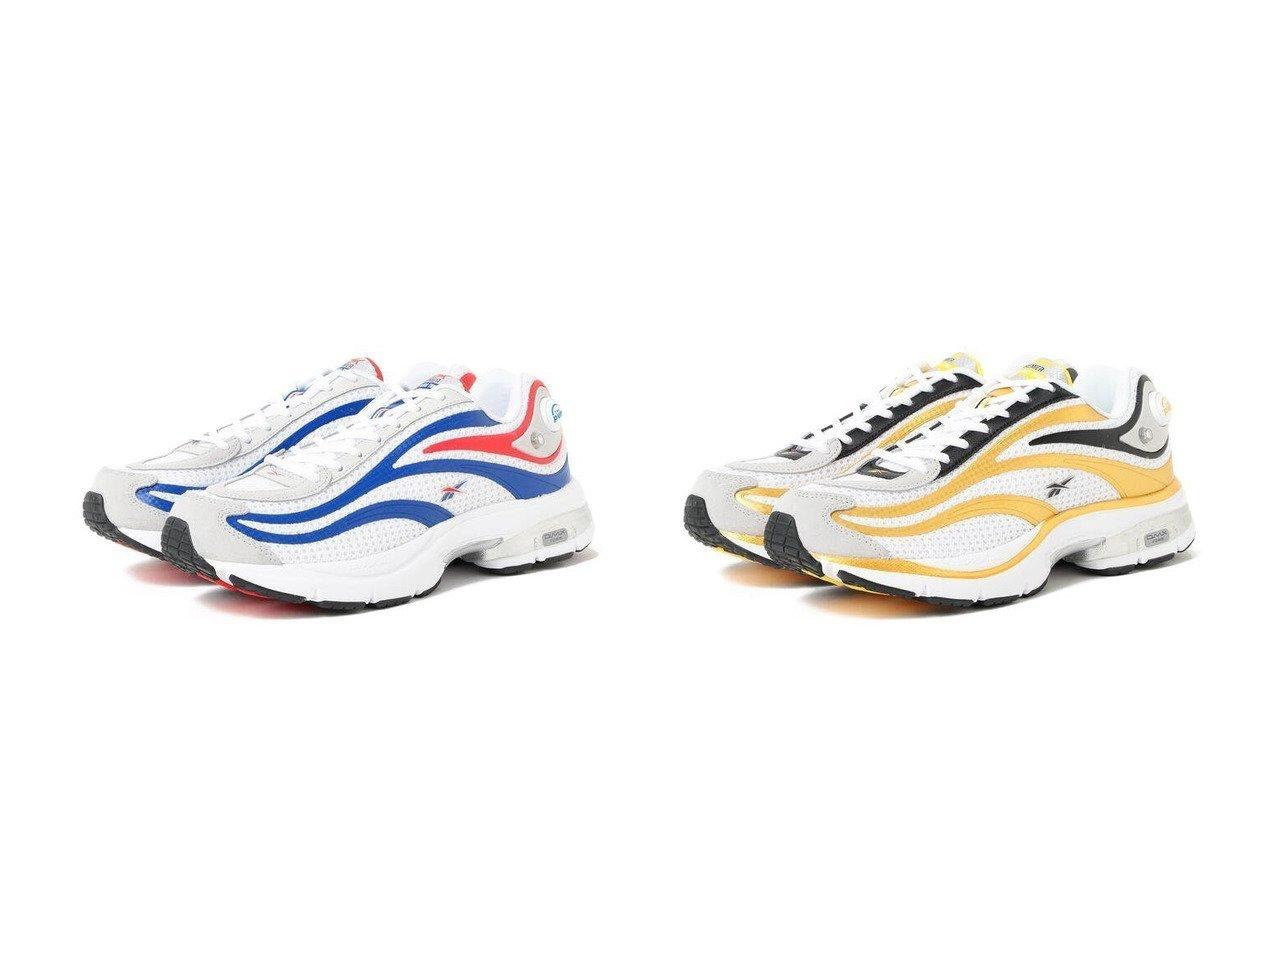 【BEAMS / MEN/ビームス】のPremier Pump Paris Shoes 【MEN】おすすめ!人気トレンド・男性、メンズファッションの通販  おすすめで人気の流行・トレンド、ファッションの通販商品 メンズファッション・キッズファッション・インテリア・家具・レディースファッション・服の通販 founy(ファニー) https://founy.com/ ファッション Fashion メンズファッション MEN シューズ・靴 Shoes Men スニーカー Sneakers サッカー シューズ スニーカー スポーツ 人気 |ID:crp329100000021999